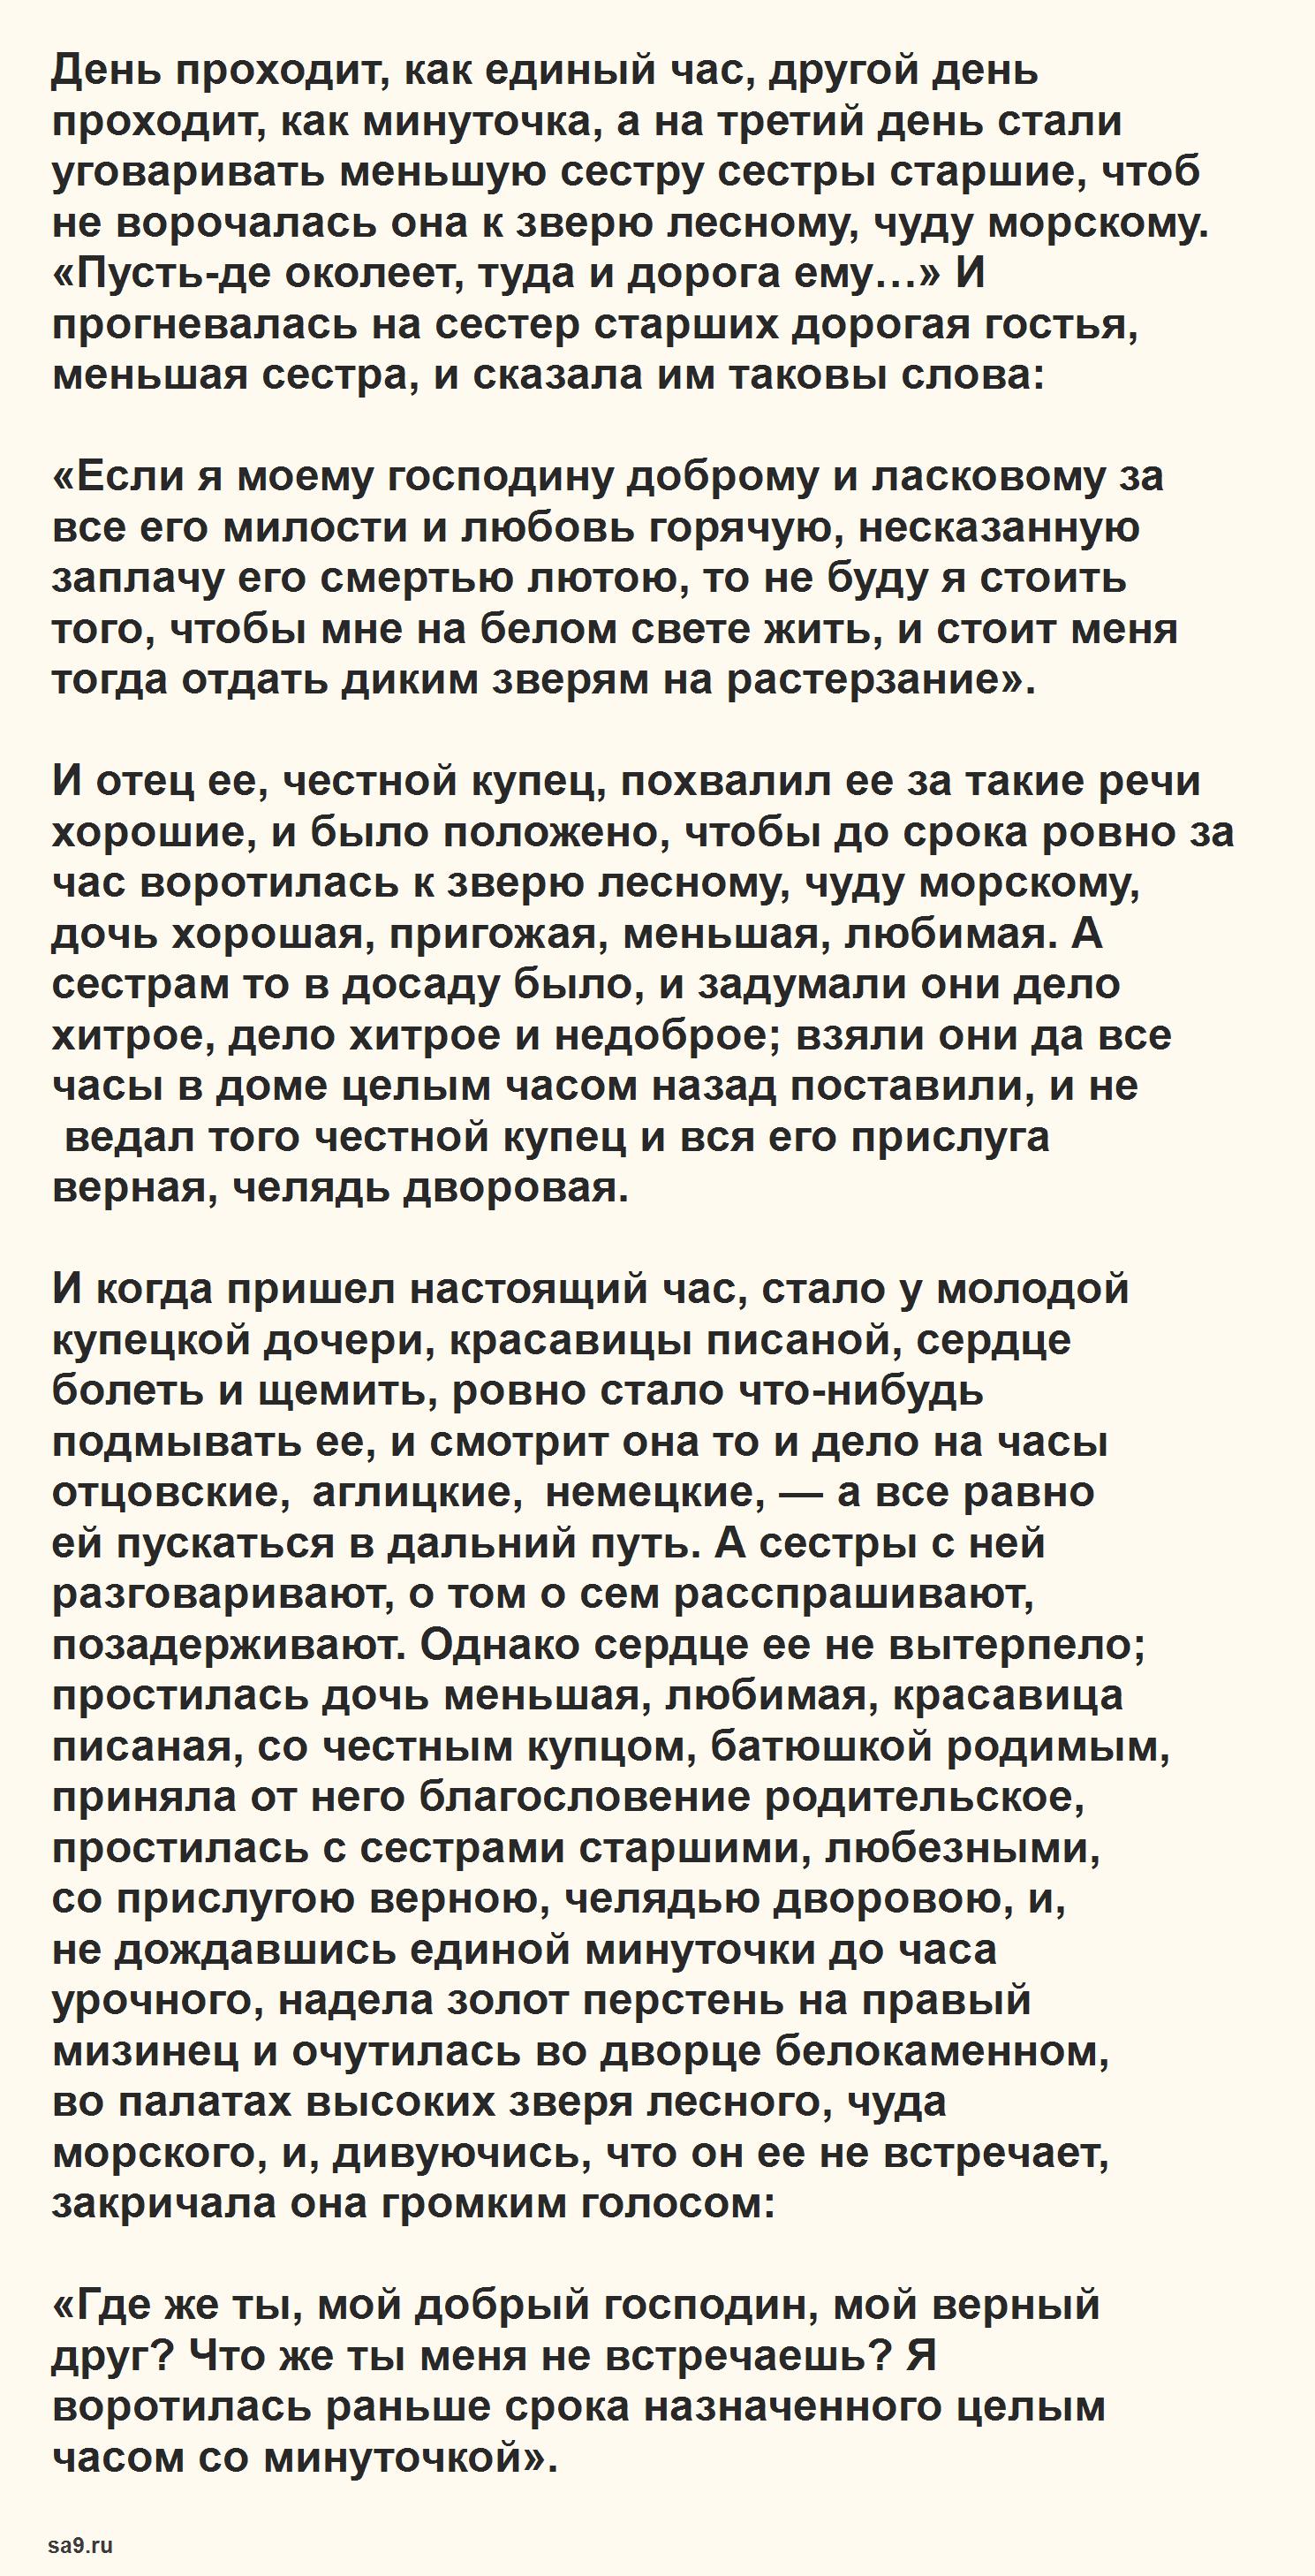 Сказка Аксакова – Аленький цветочек, читать онлайн бесплатно